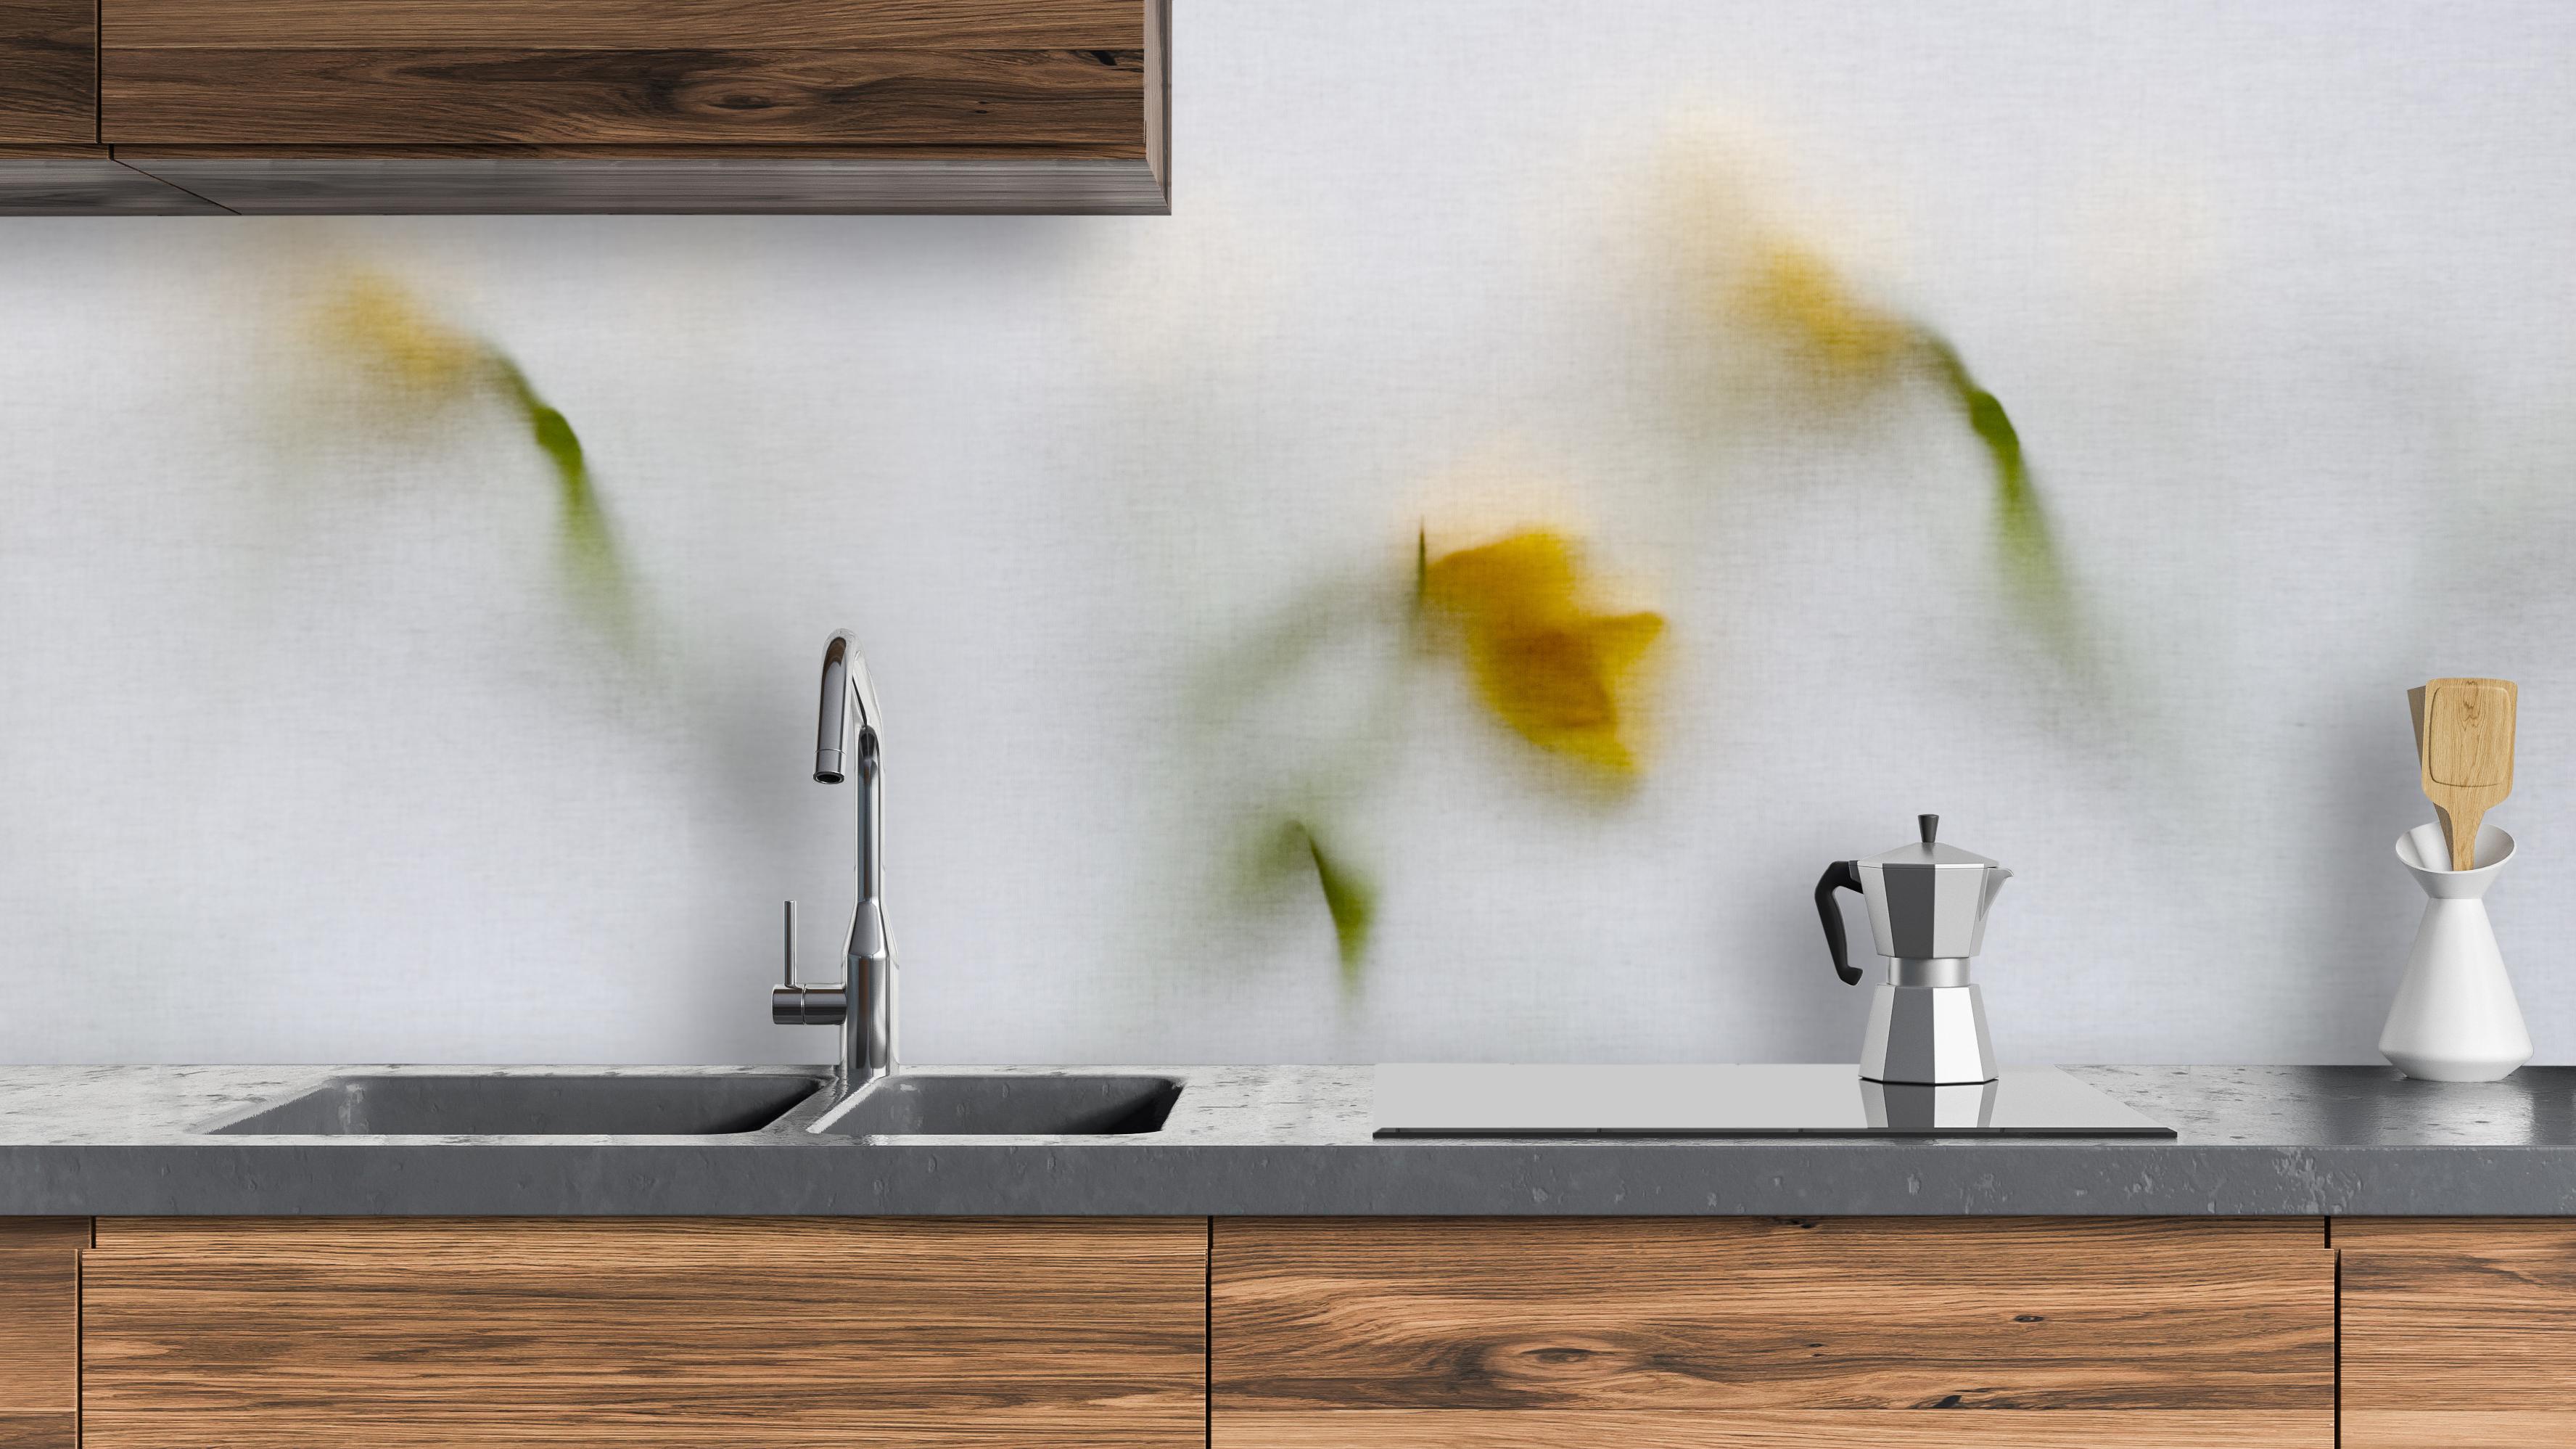 Foggy flowers pimp your kitchen